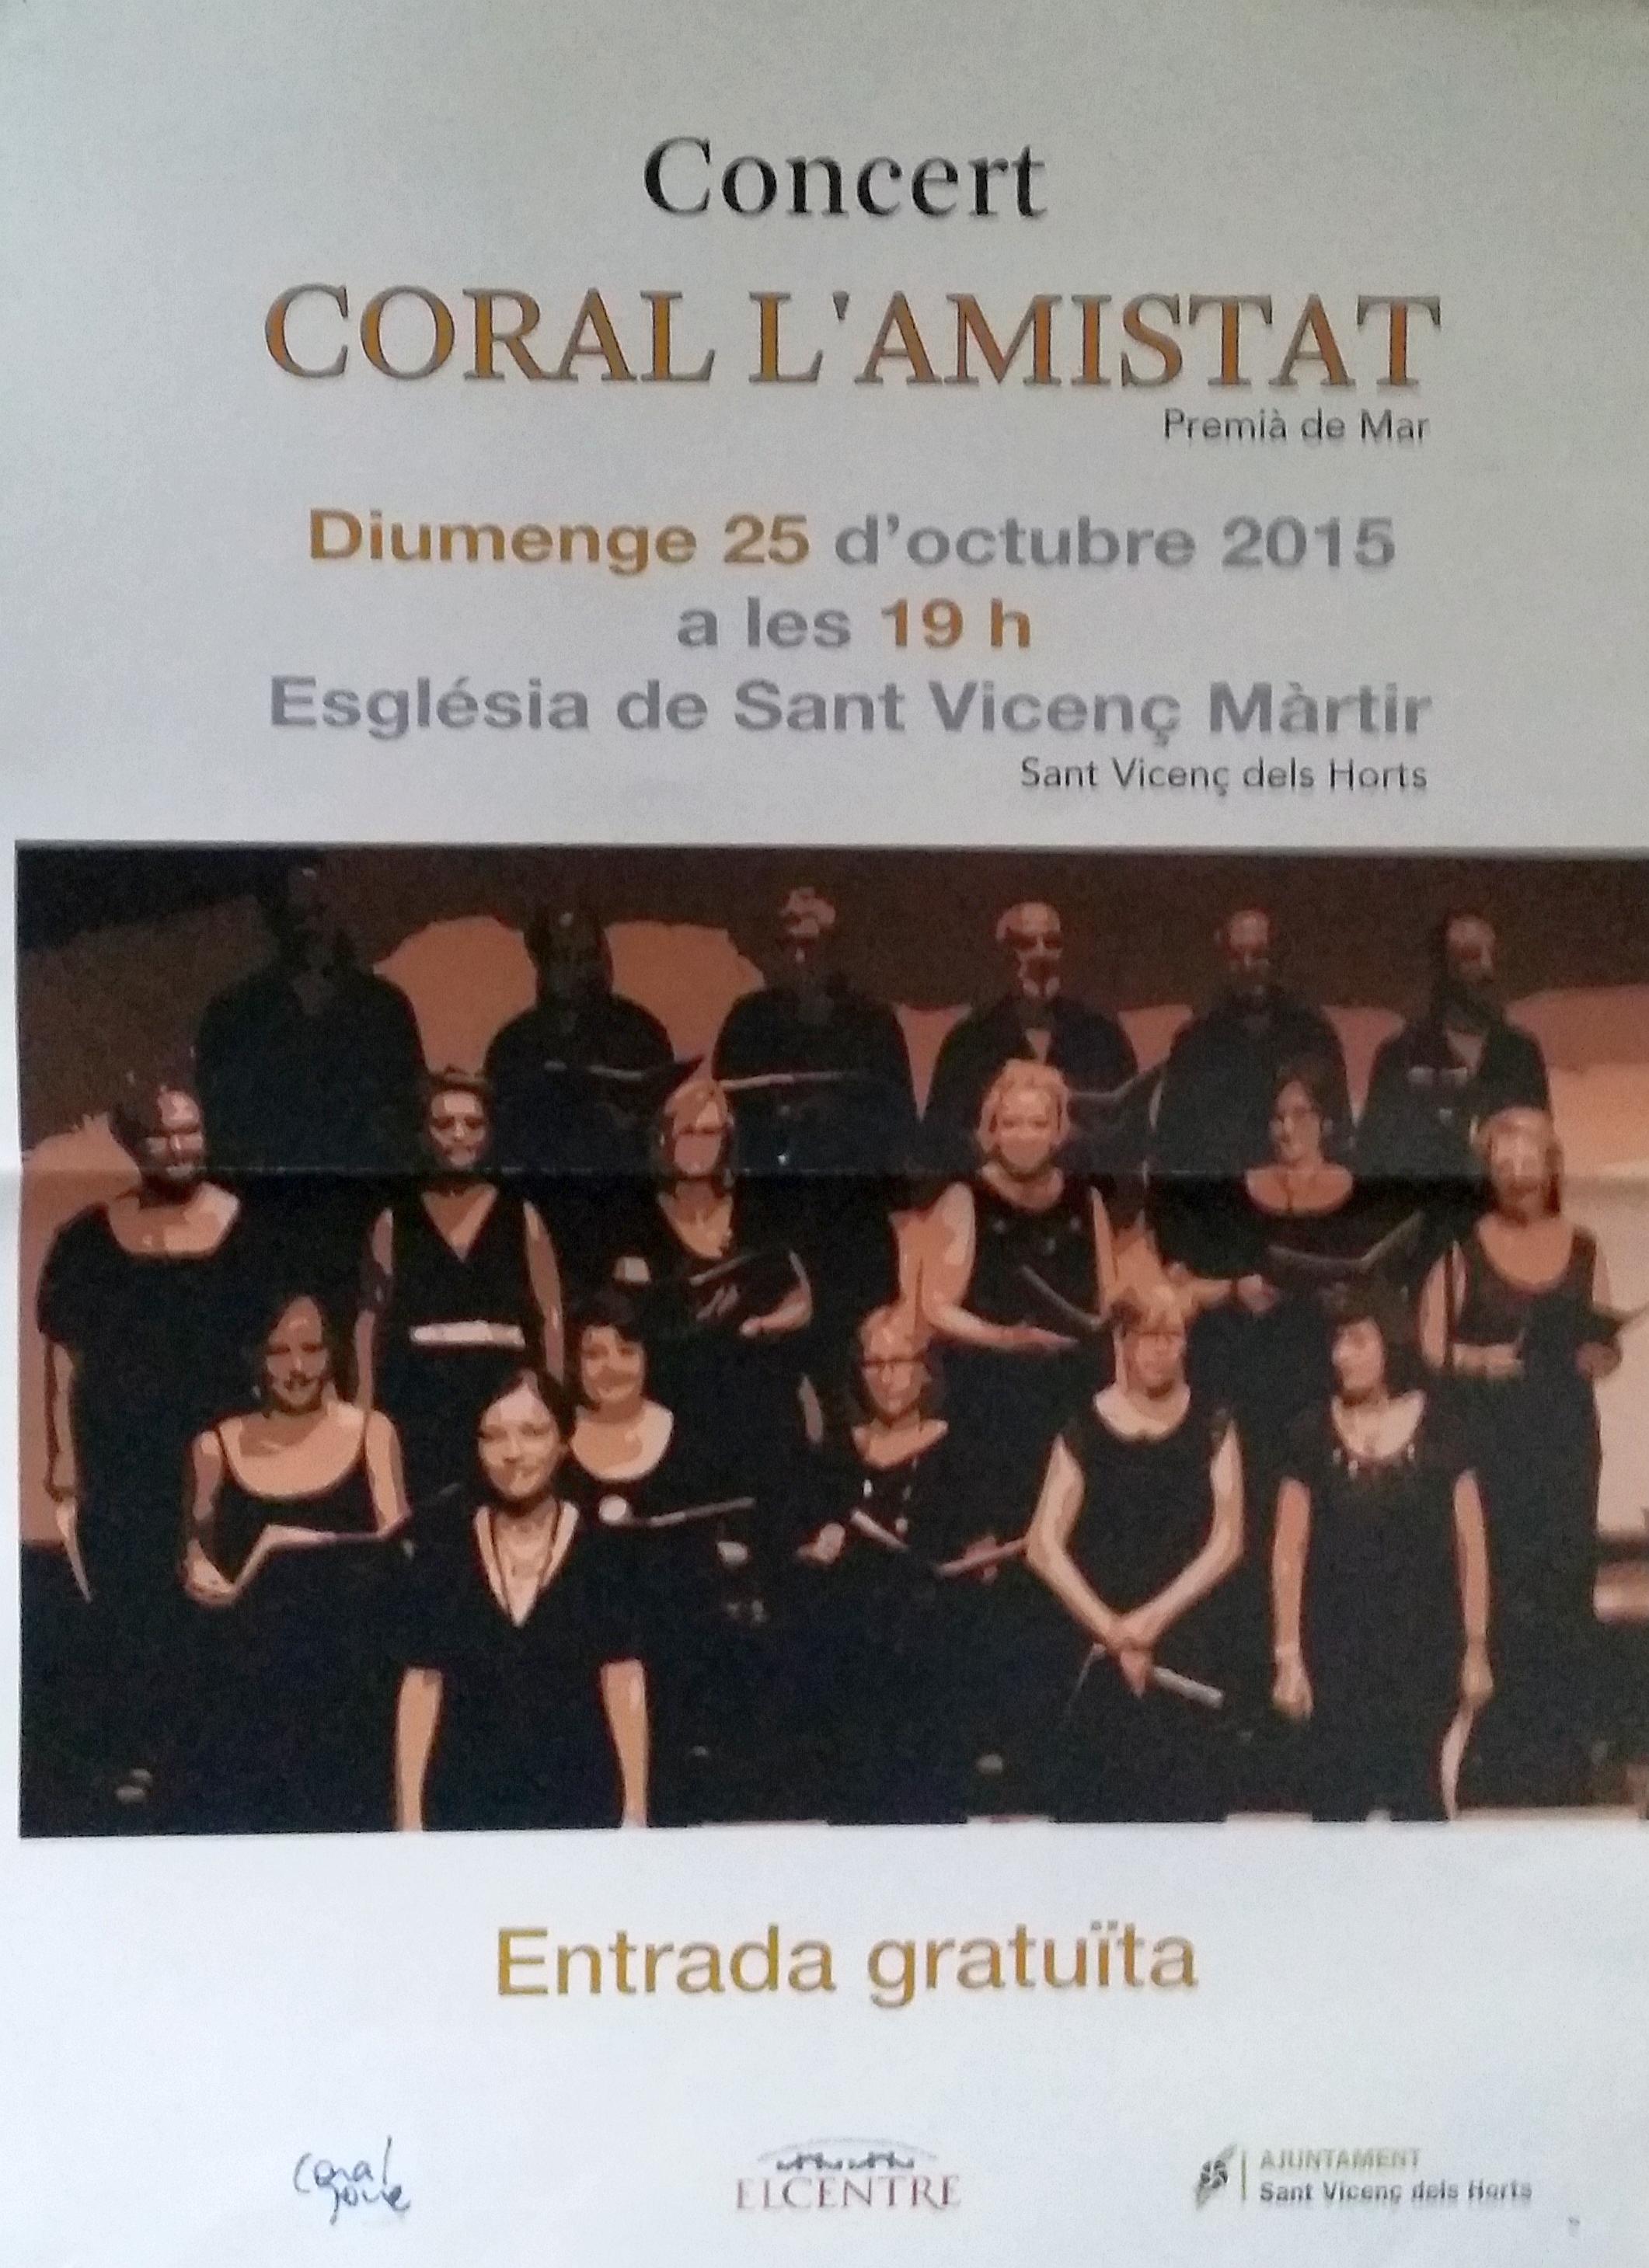 Concert de la Coral l'Amistat a St. Vicenç dels Horts